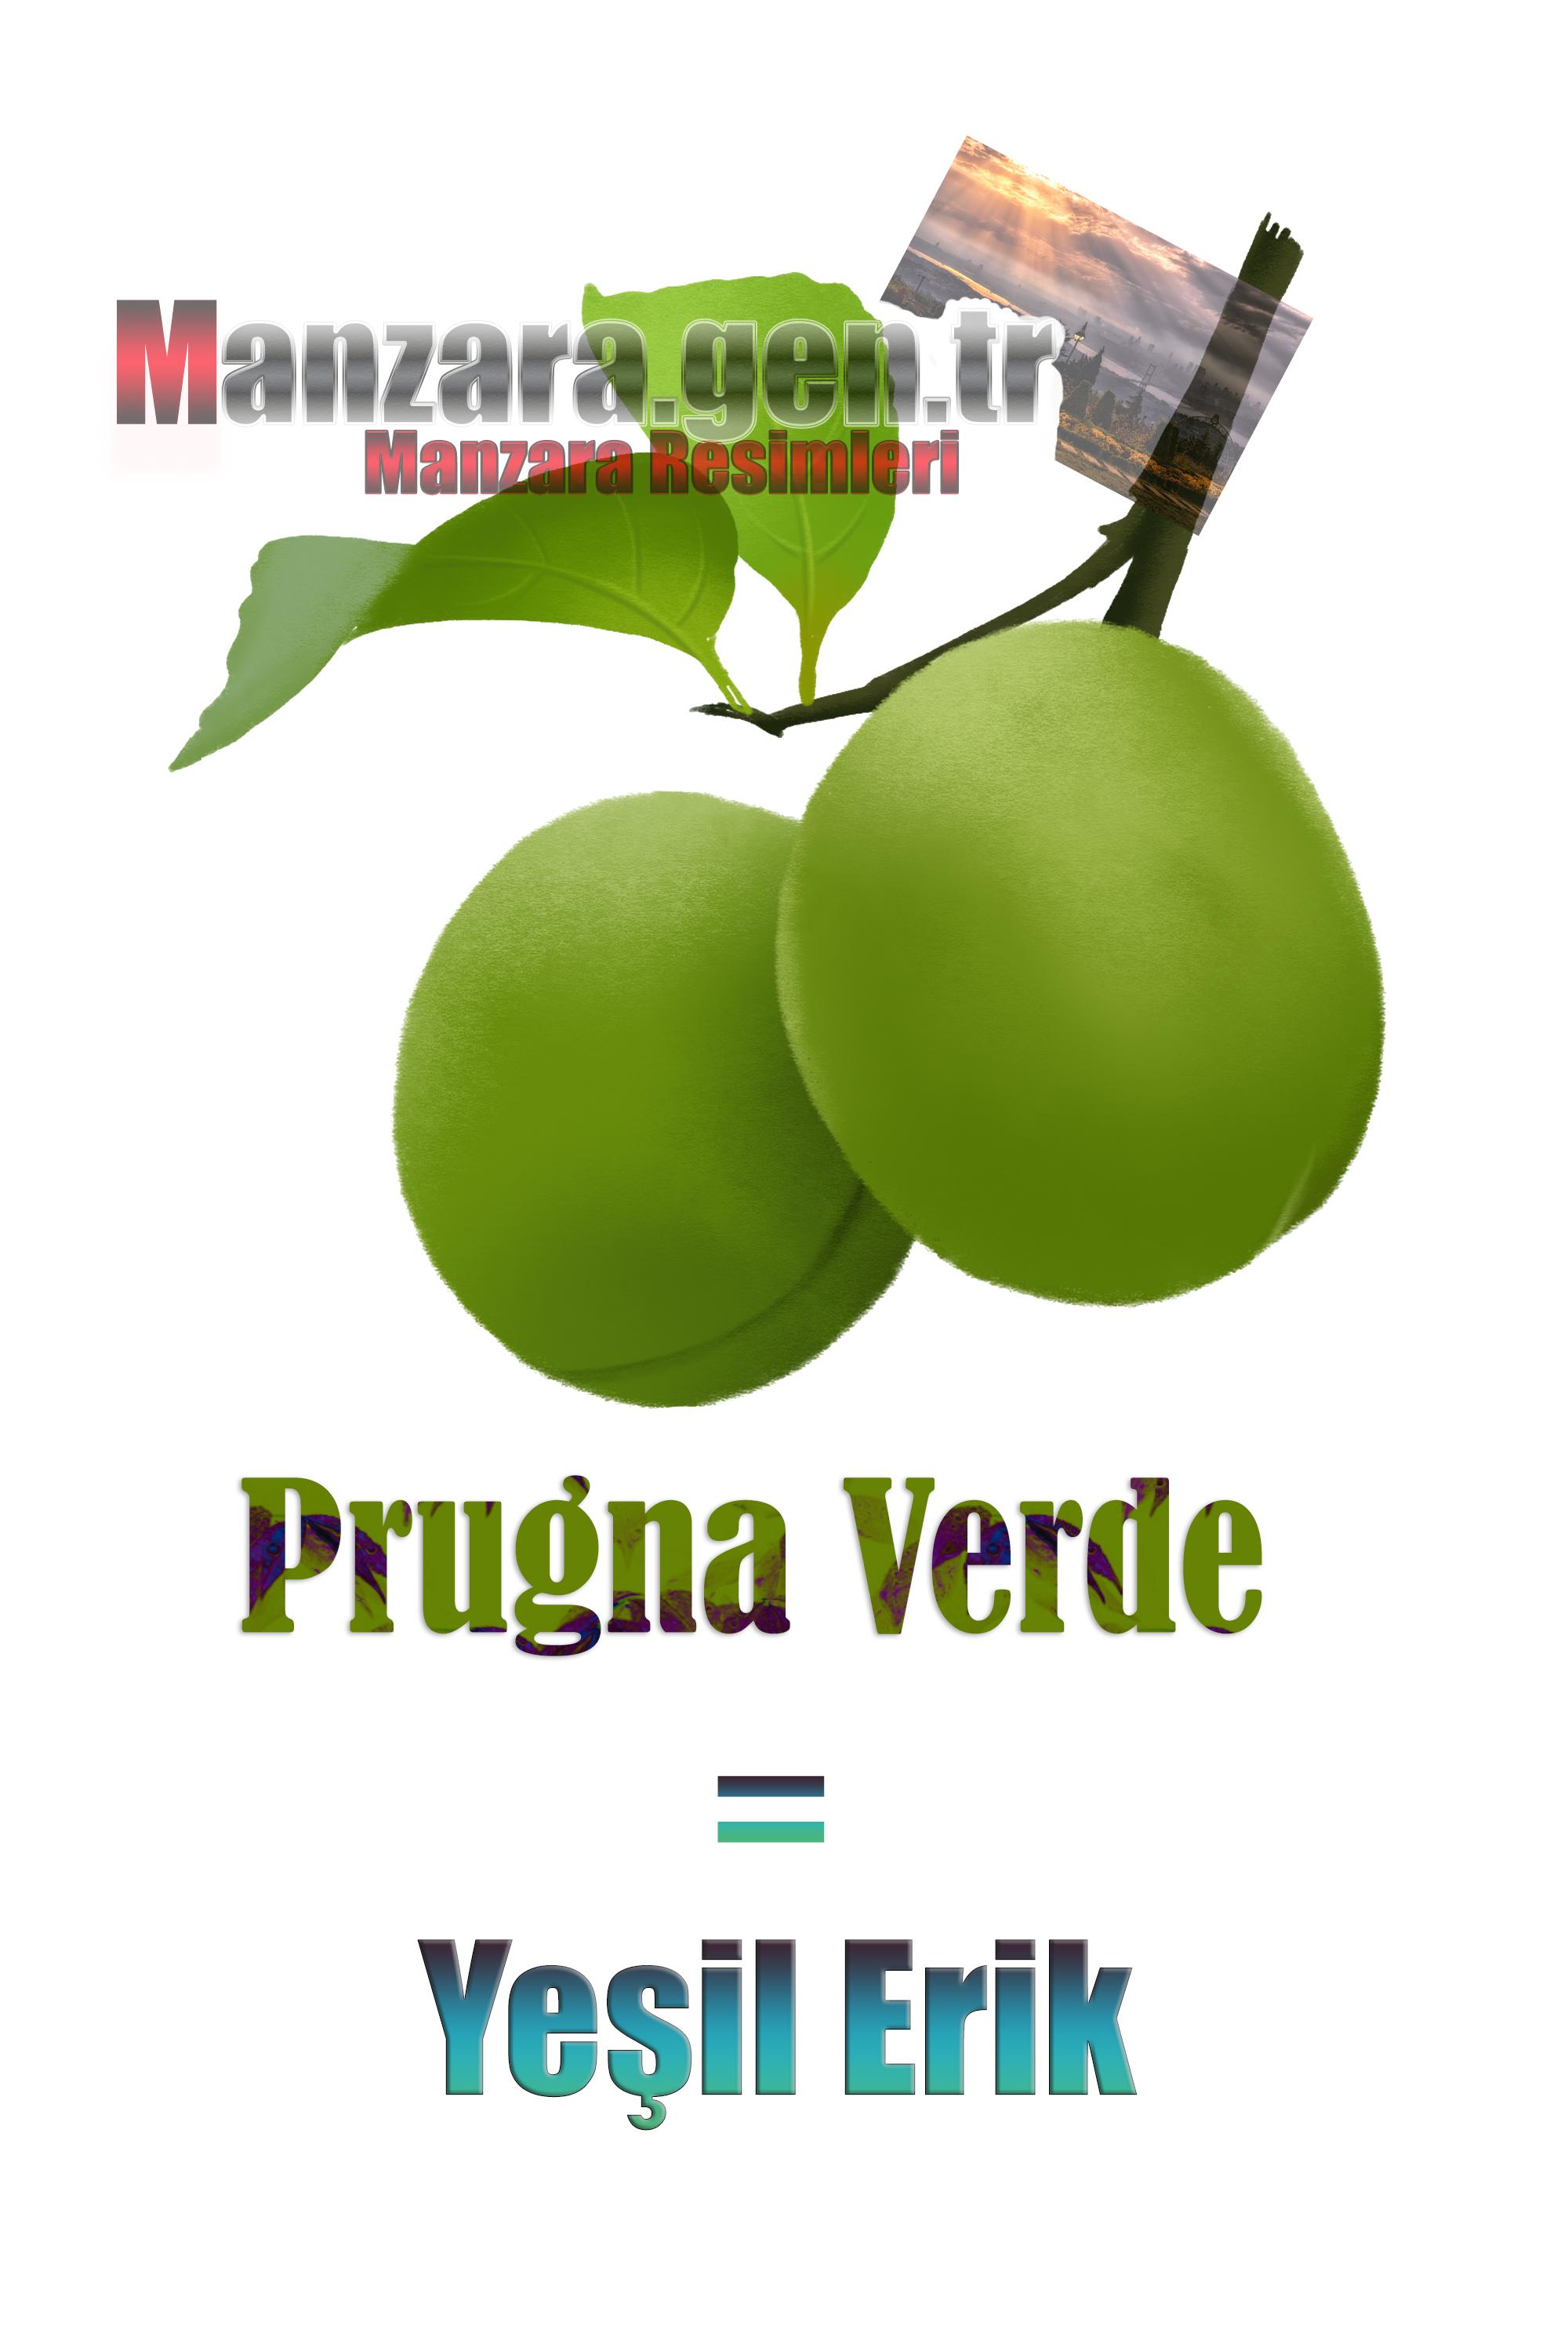 Yeşil eriğin İtalyancası Nedir ? Yeşik erik Nasıl Yazılır ? Che cos'è il turco in prugna verde? Come scrivere prugna verde in turco?